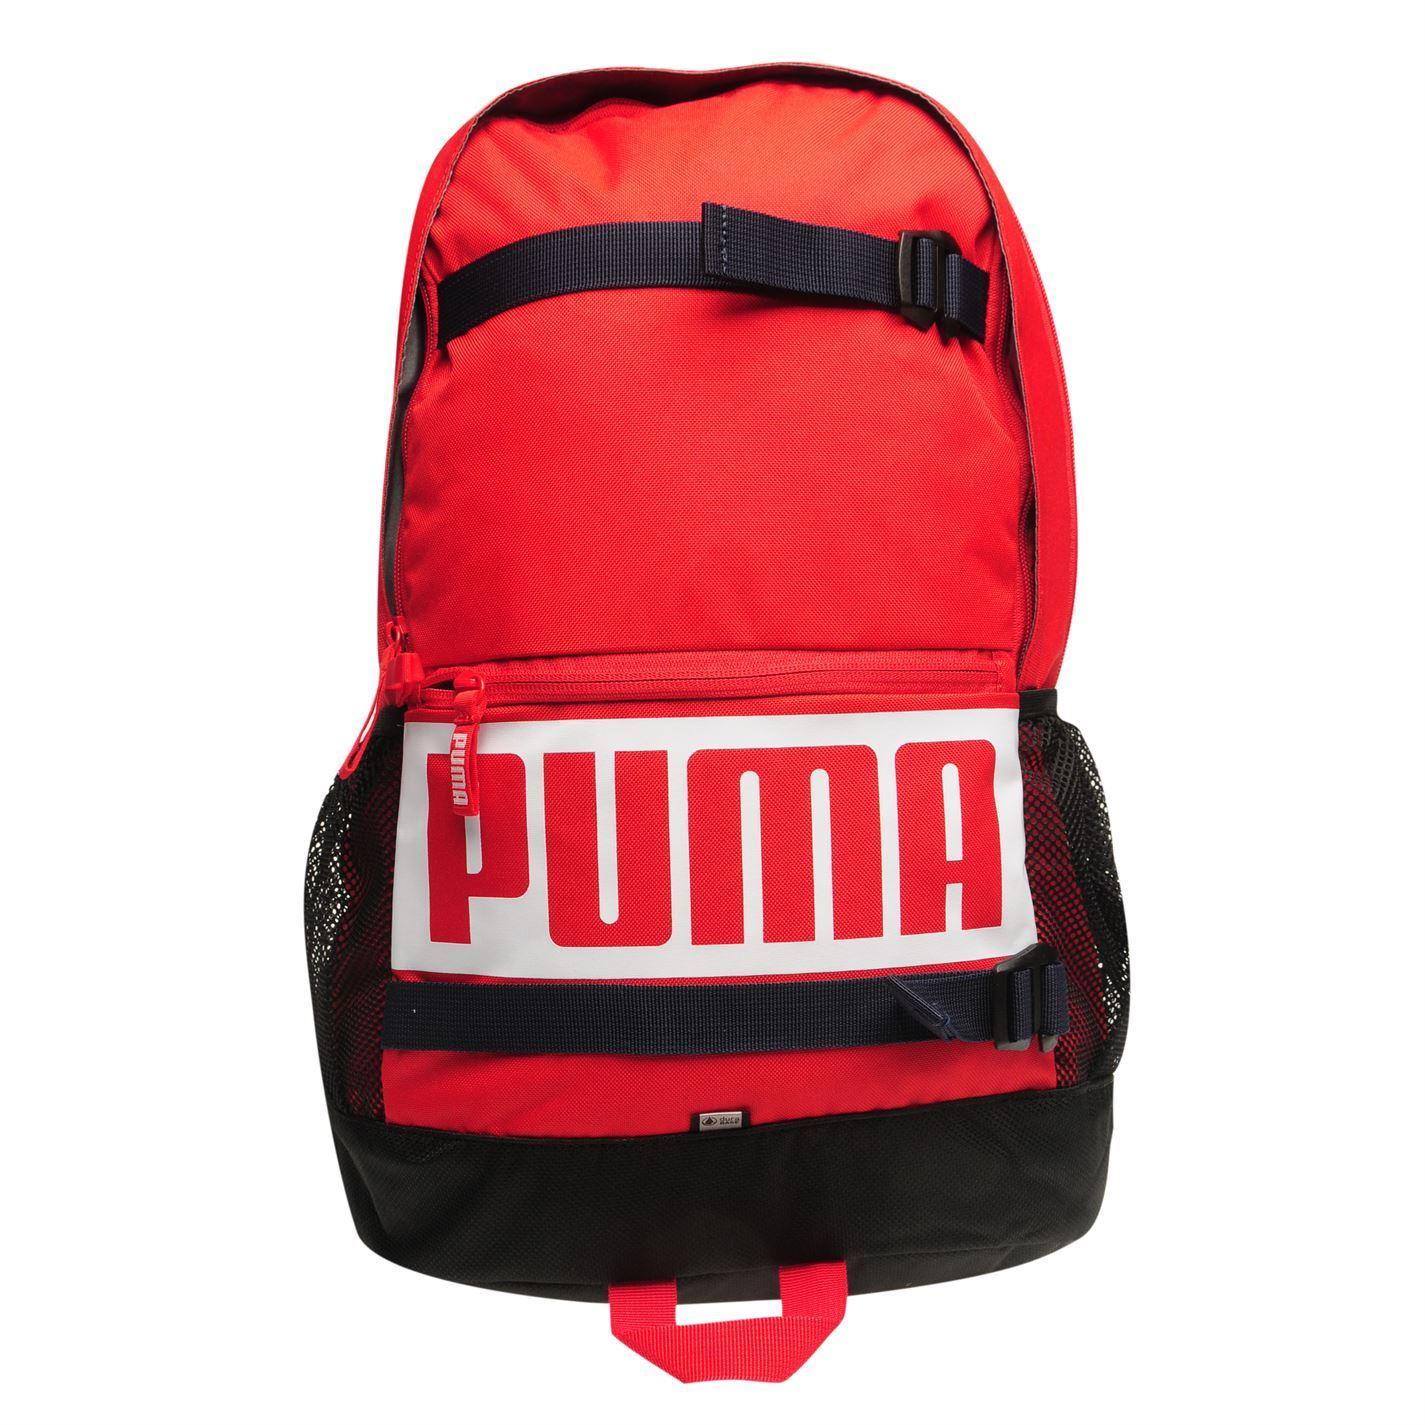 Uso Puma Zaino Giornaliero Deck BorsaEbay RLcq354AjS